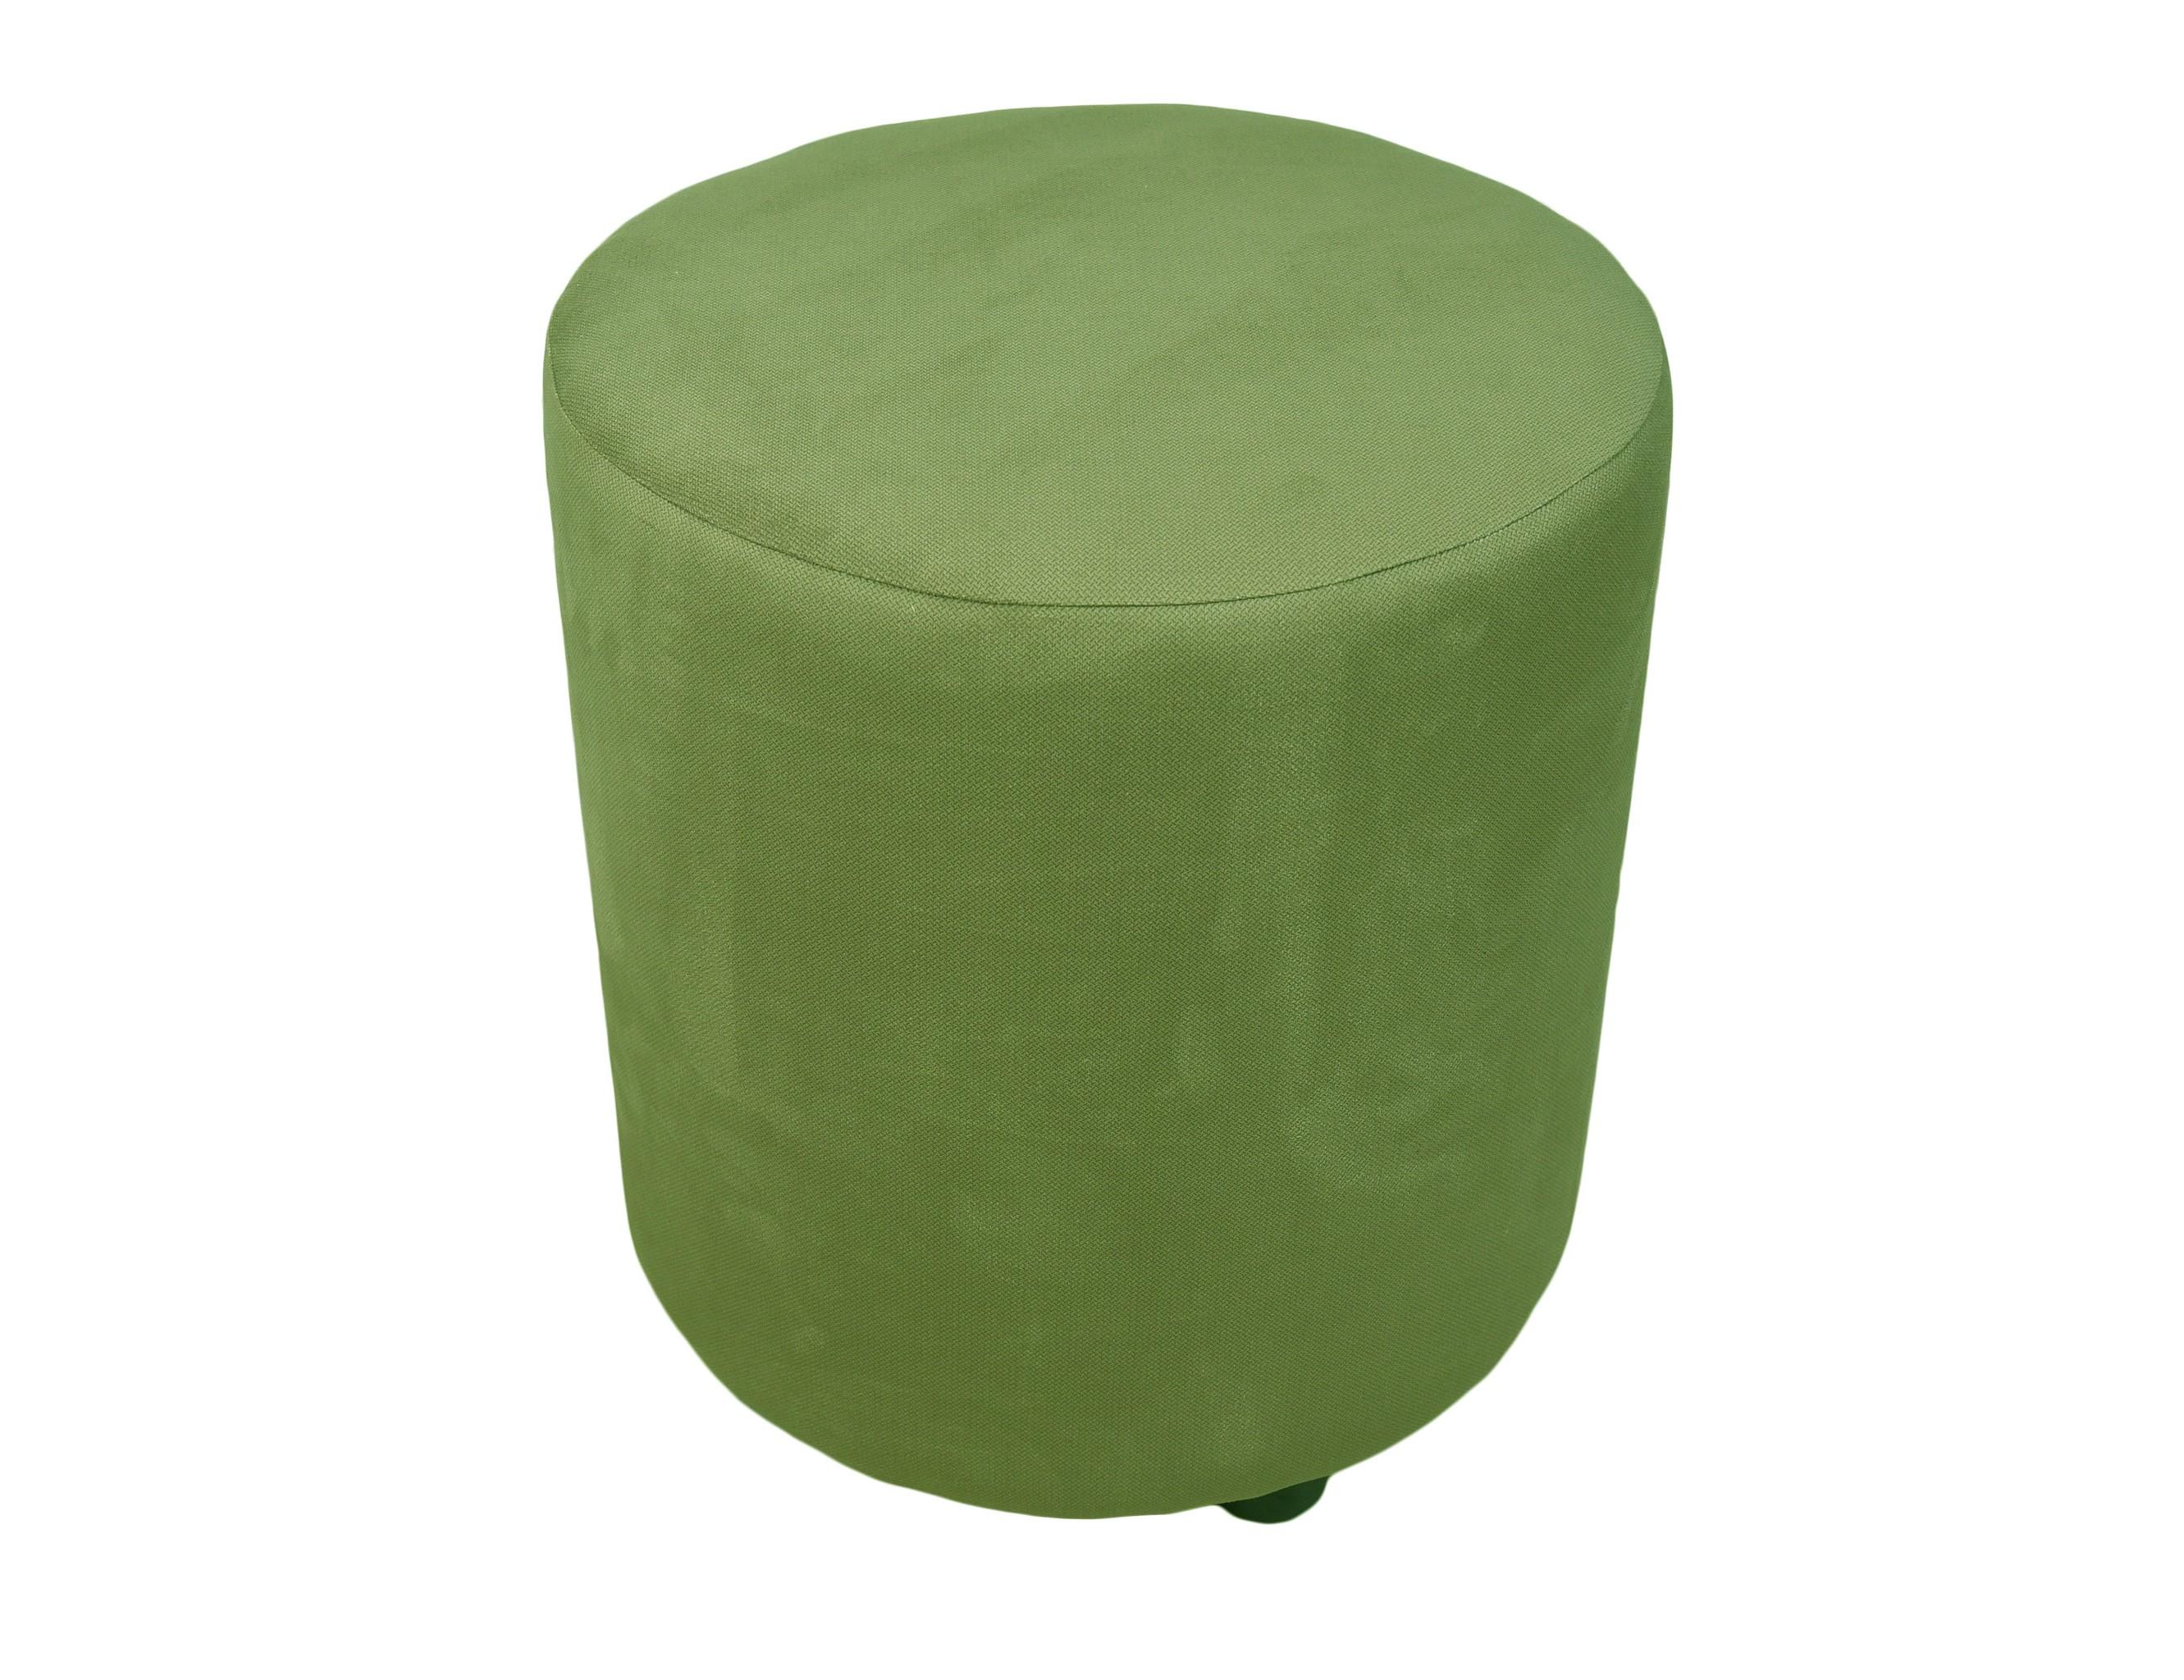 ПуфФорменные пуфы<br>Очень устойчивый пуф на деревянной основе станет незаменимым предметом декора или функциональной мебелью в вашем доме. А эксклюзивные ткани добавят изюминку в ваше пространство.<br><br>Material: Текстиль<br>Высота см: 45